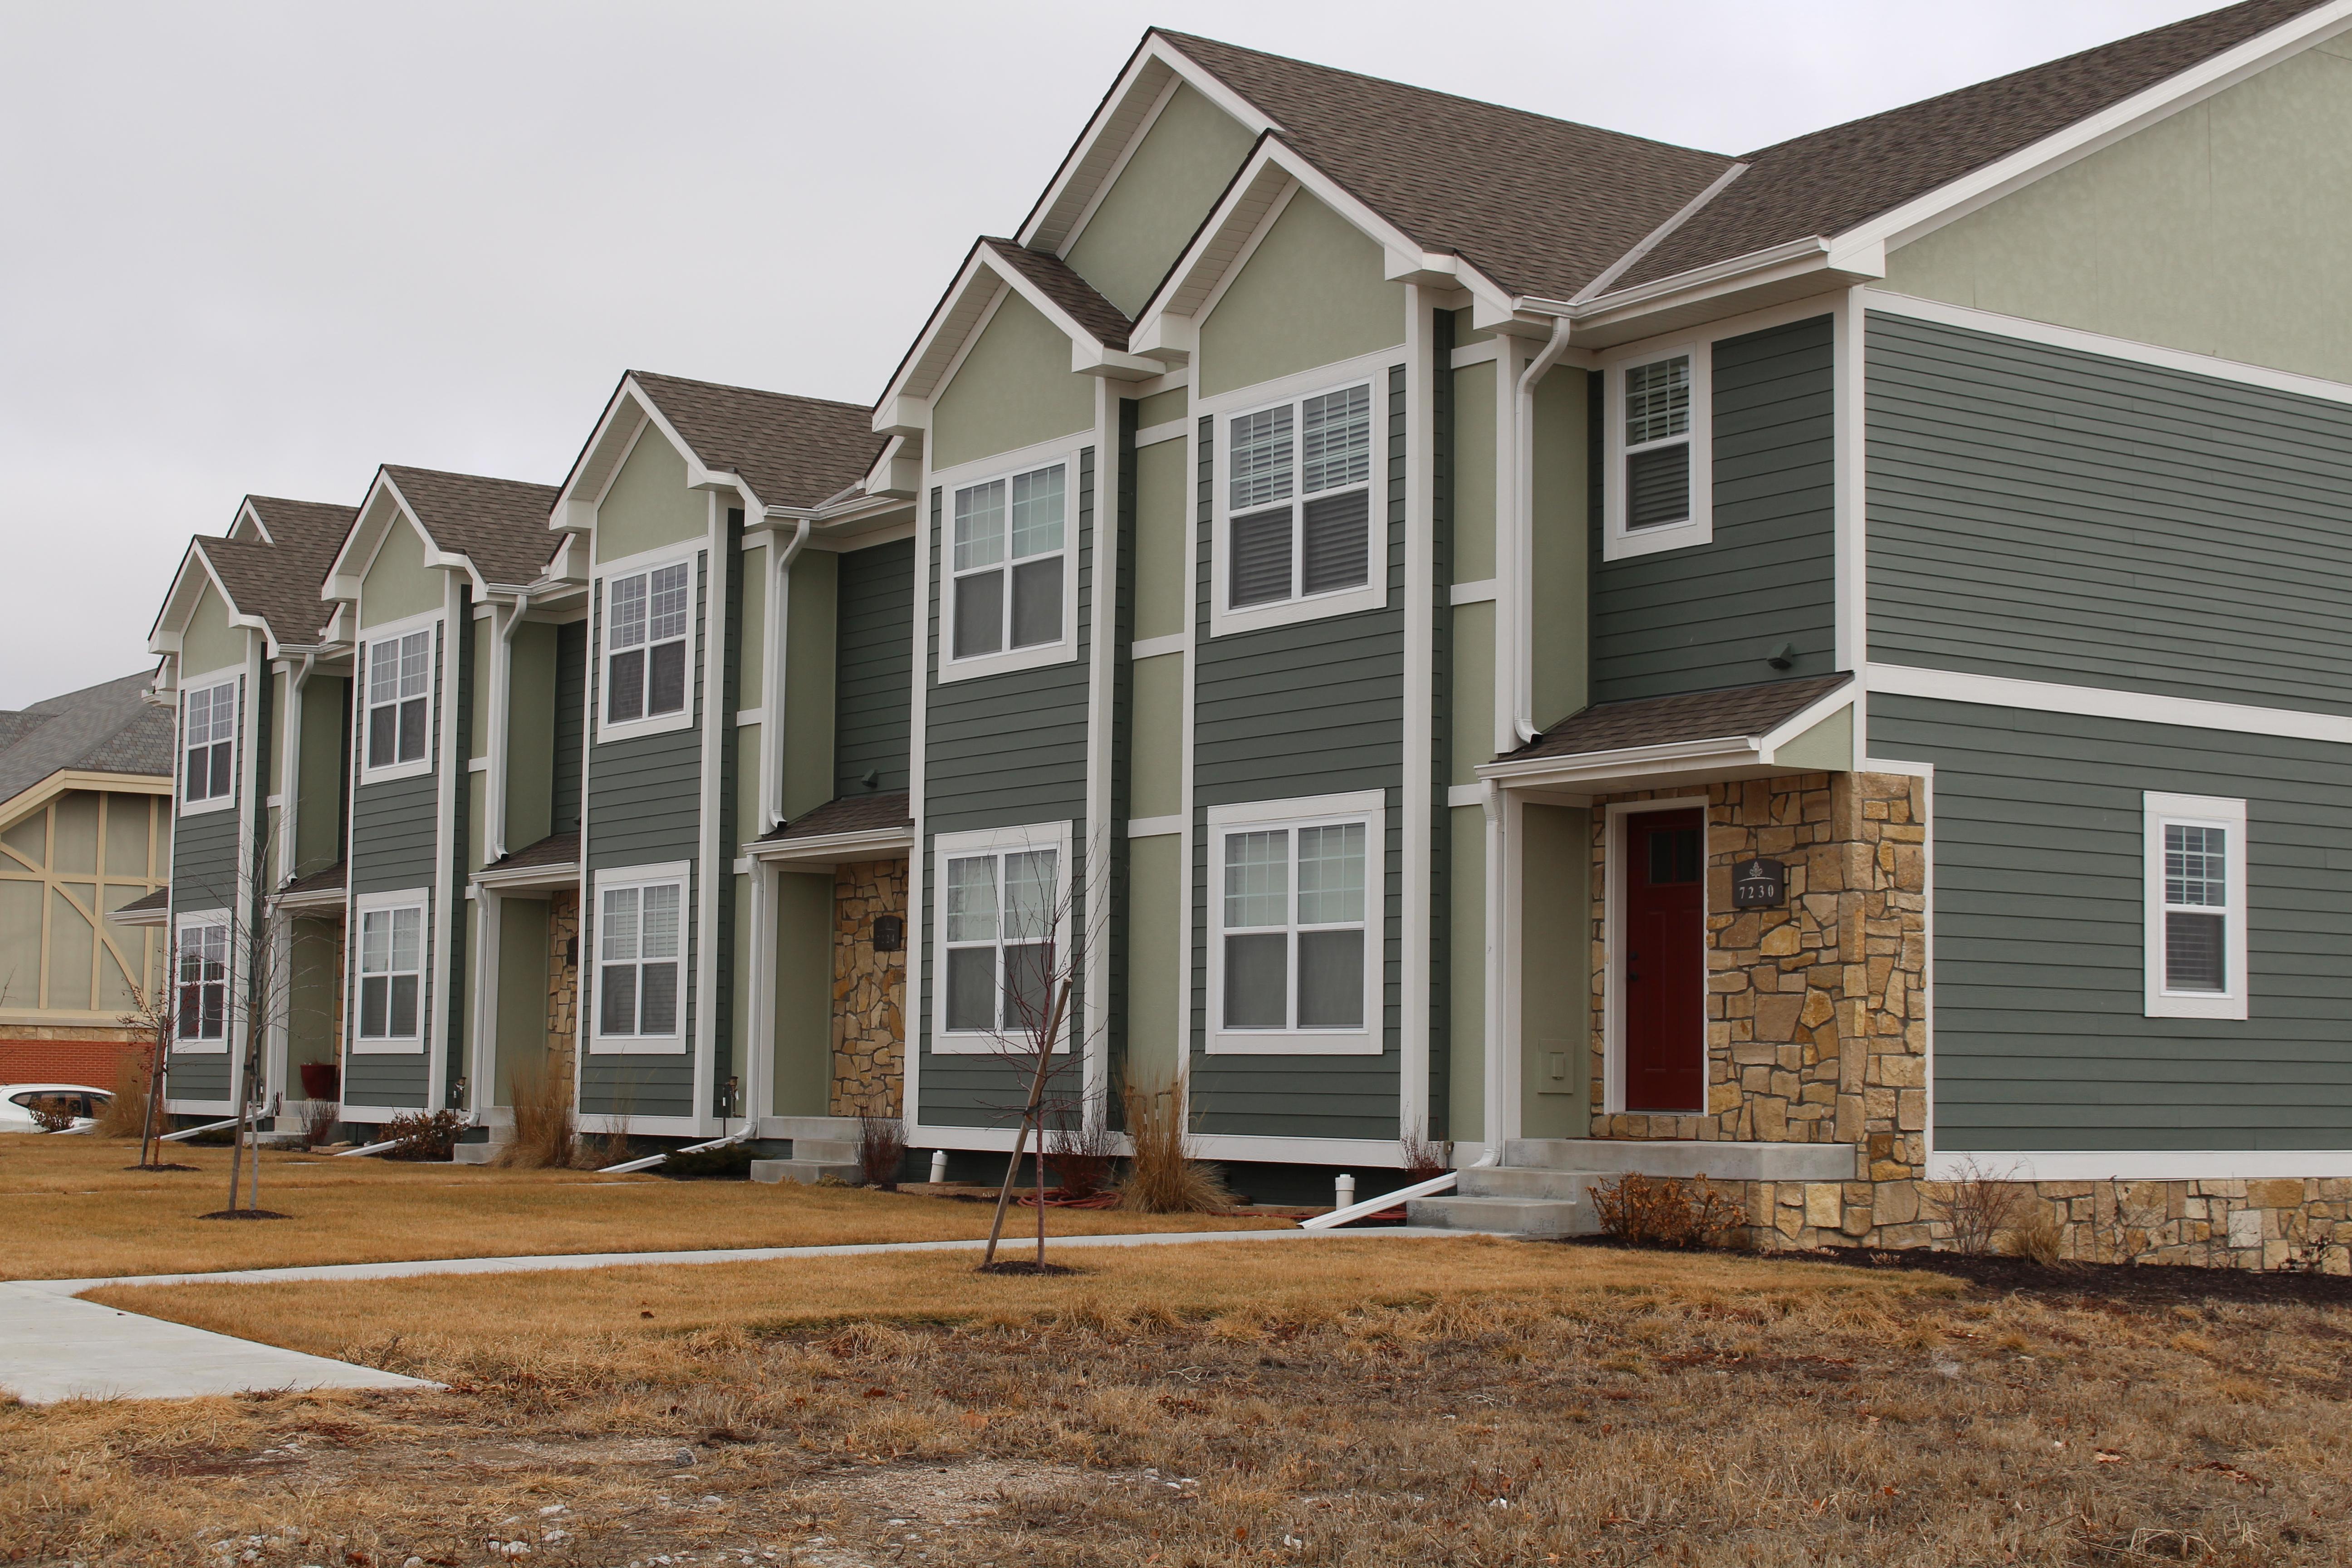 New home construction in lincoln ne homemade ftempo for Lincoln nebraska home builders